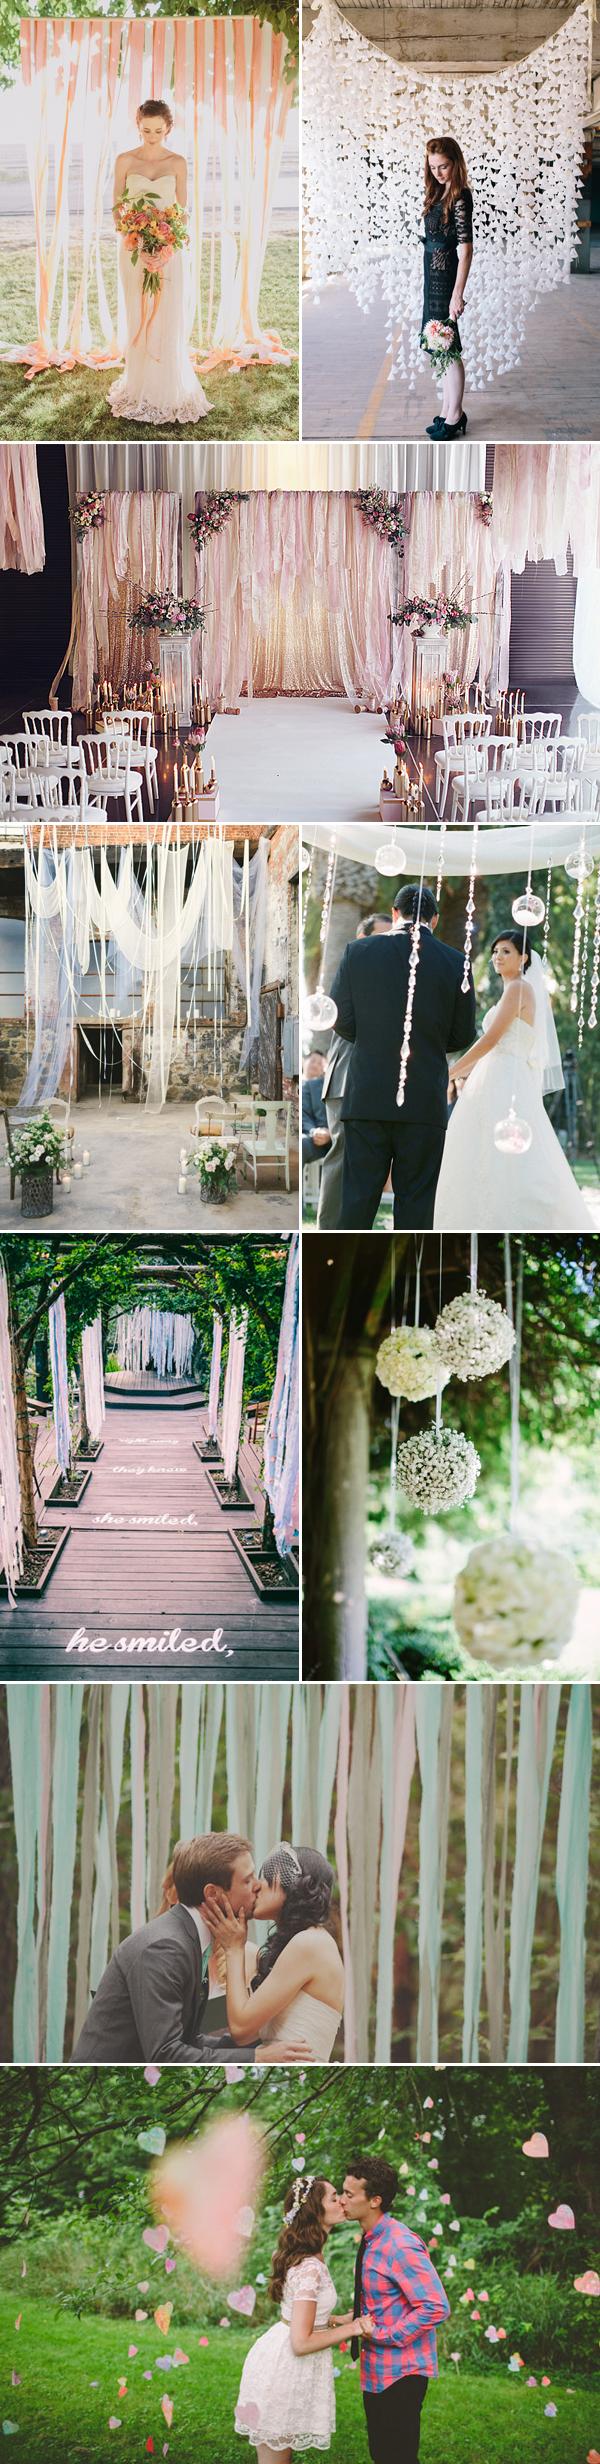 In backdrop giá rẻ dành cho tiệc cưới